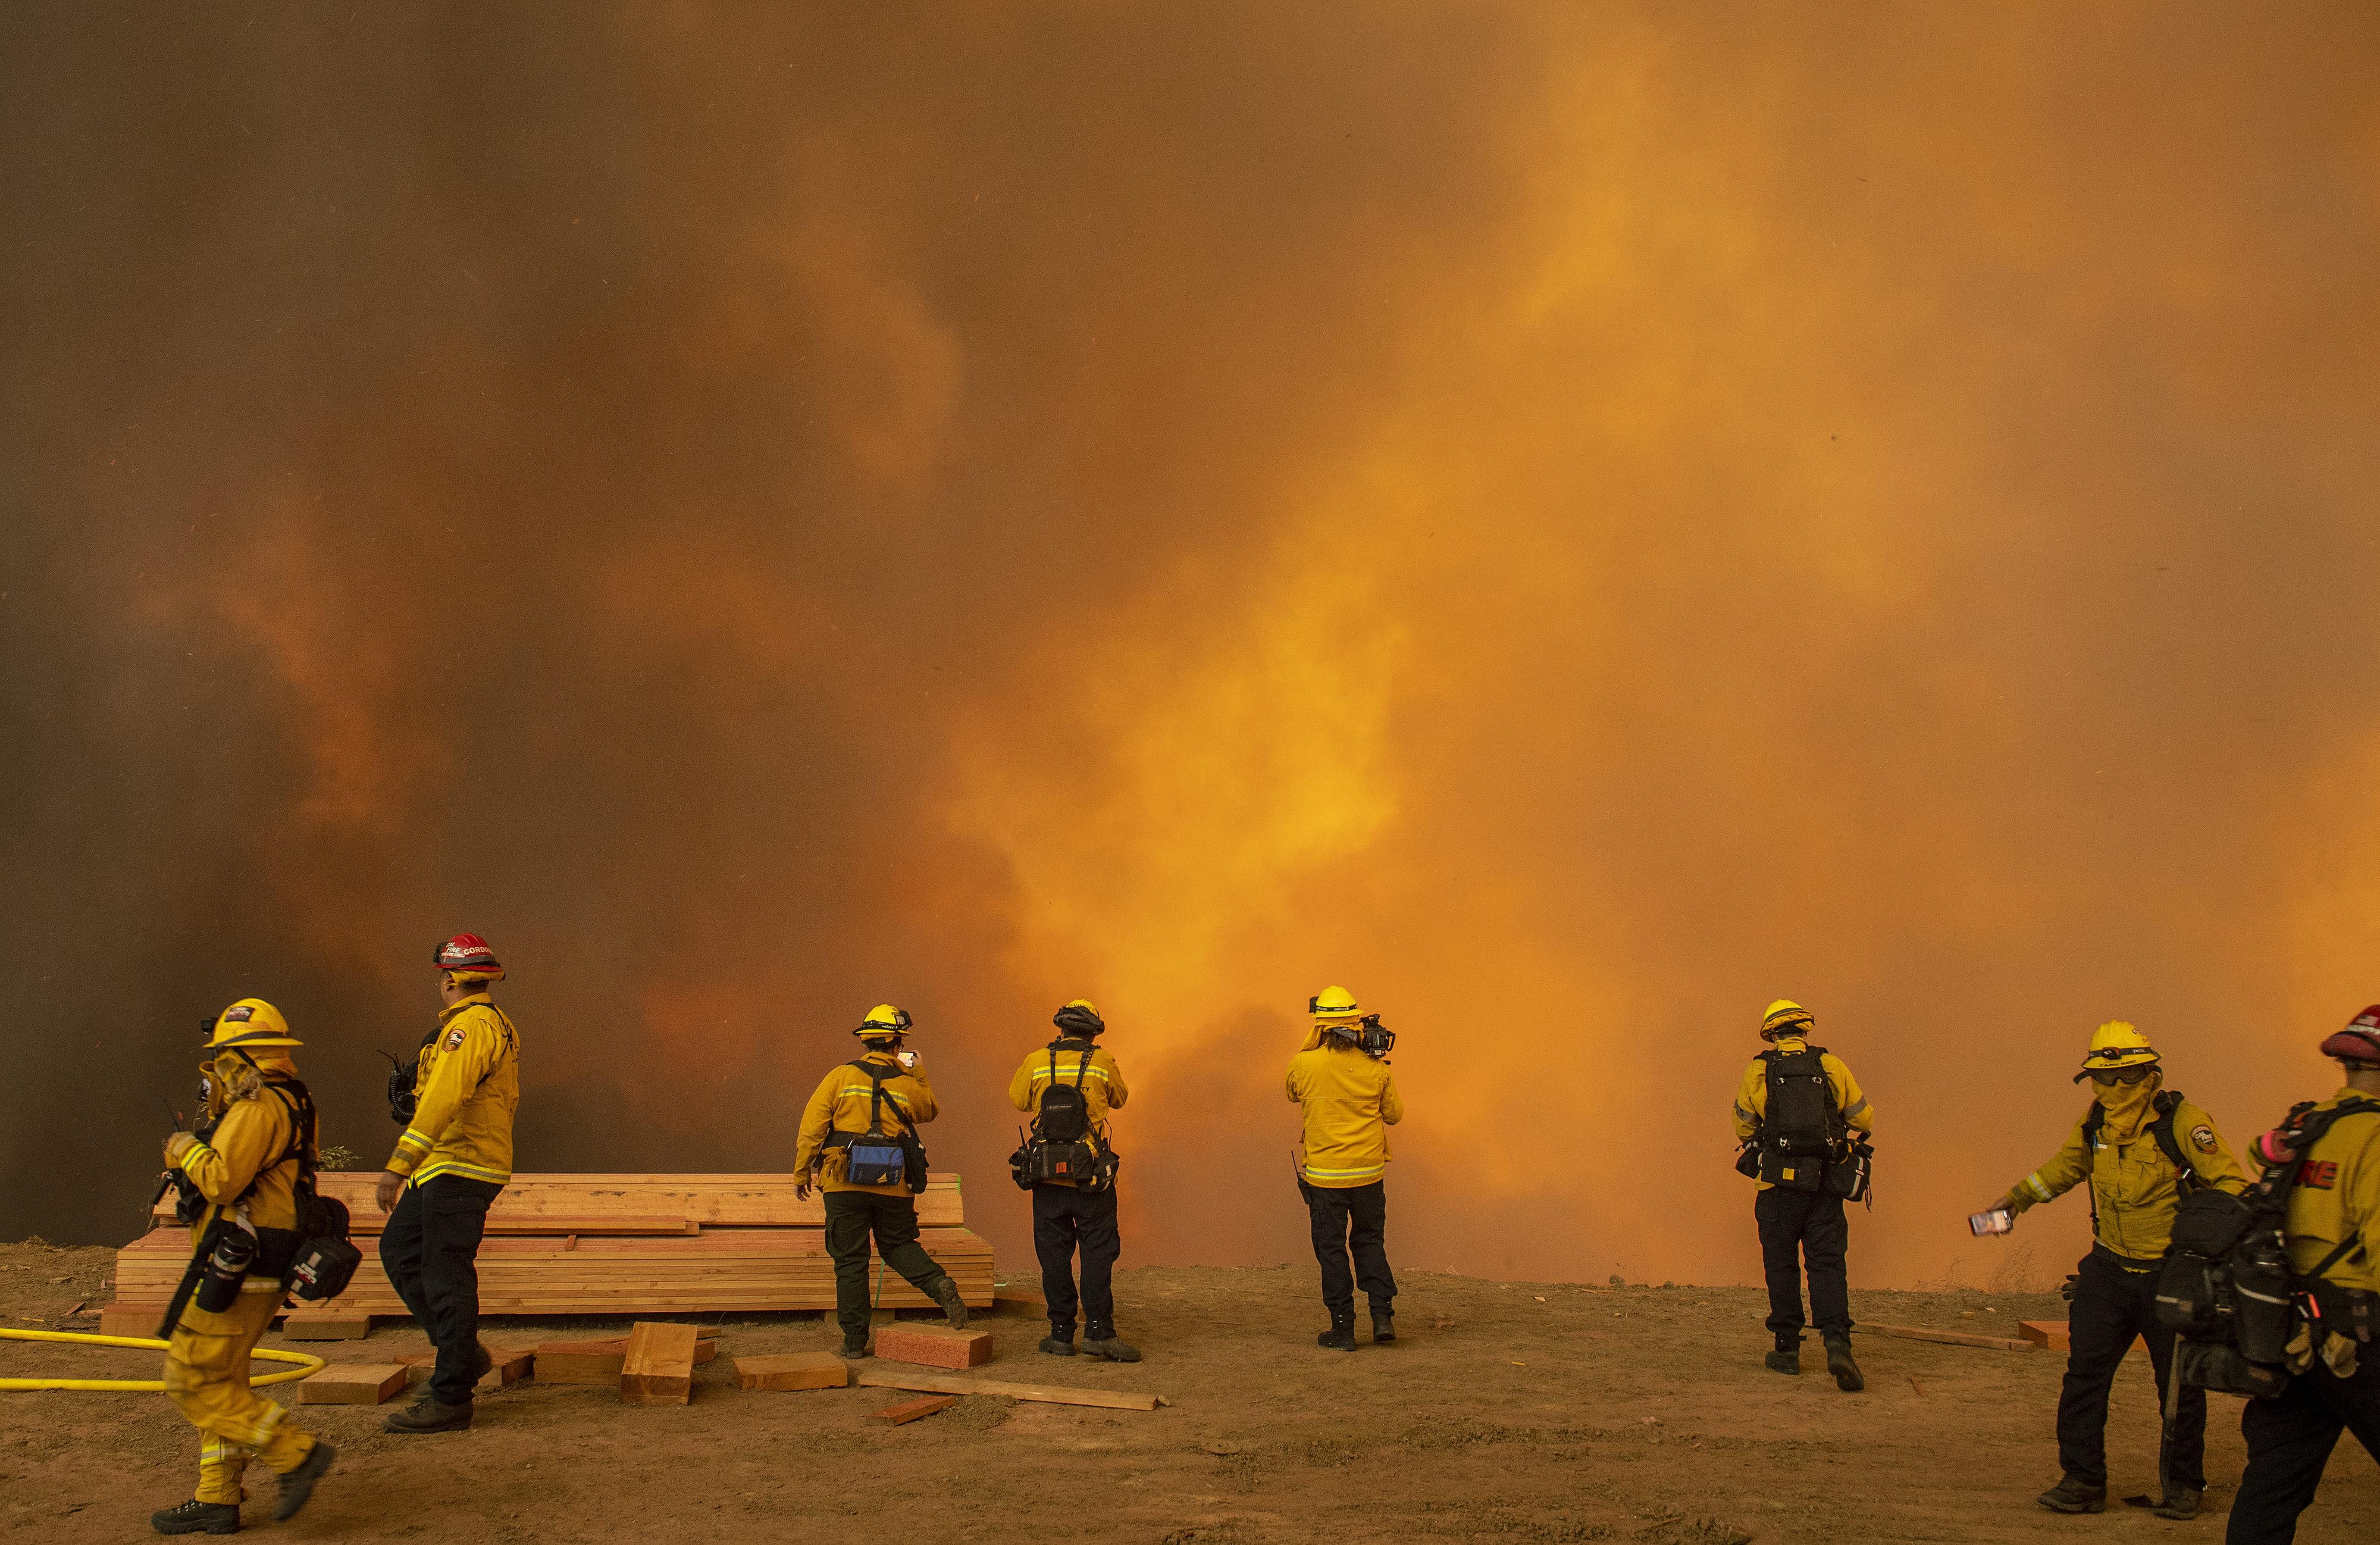 奇诺冈附近的蓝脊野火已经延超超1100英亩